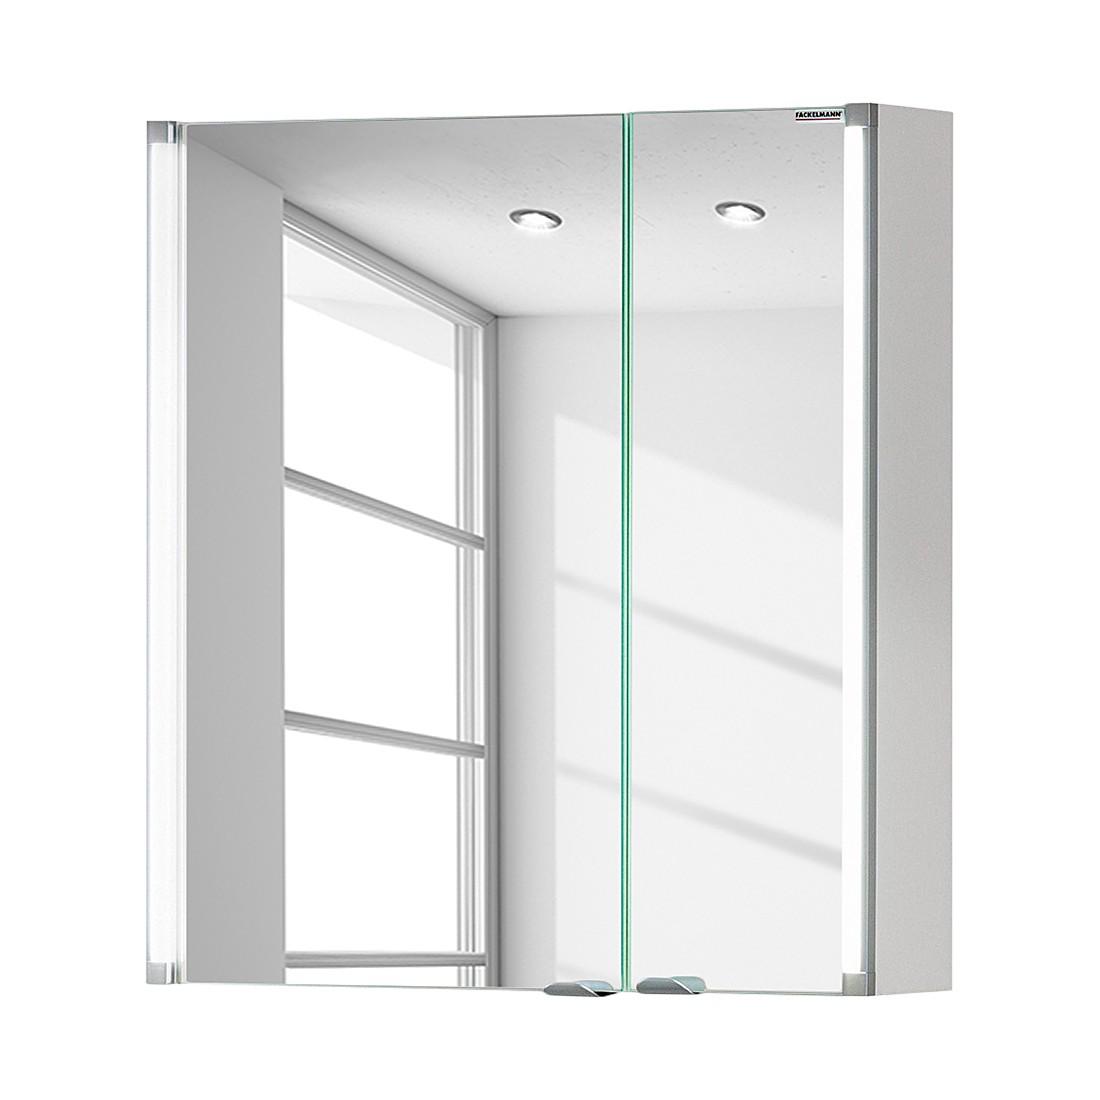 Spiegelschrank LED-Line - Weiß - 60 cm, Fackelmann